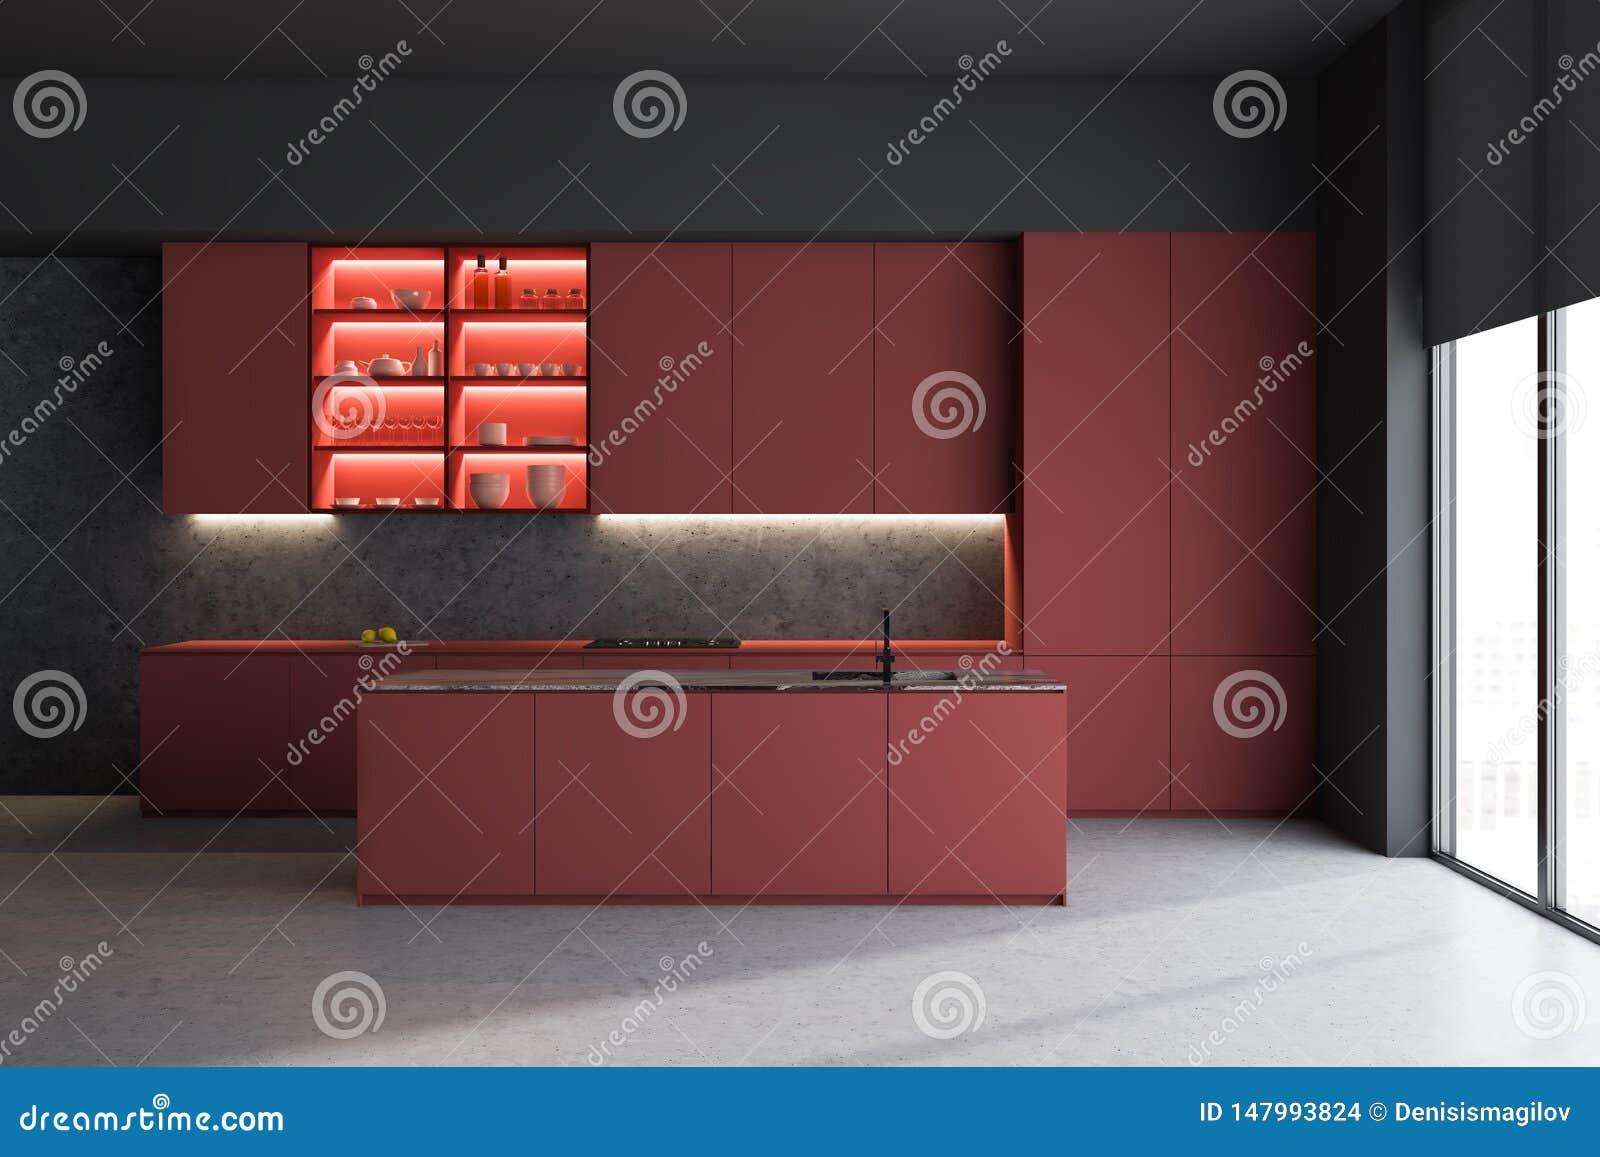 Czerwony kuchenny wnętrze z wyspą